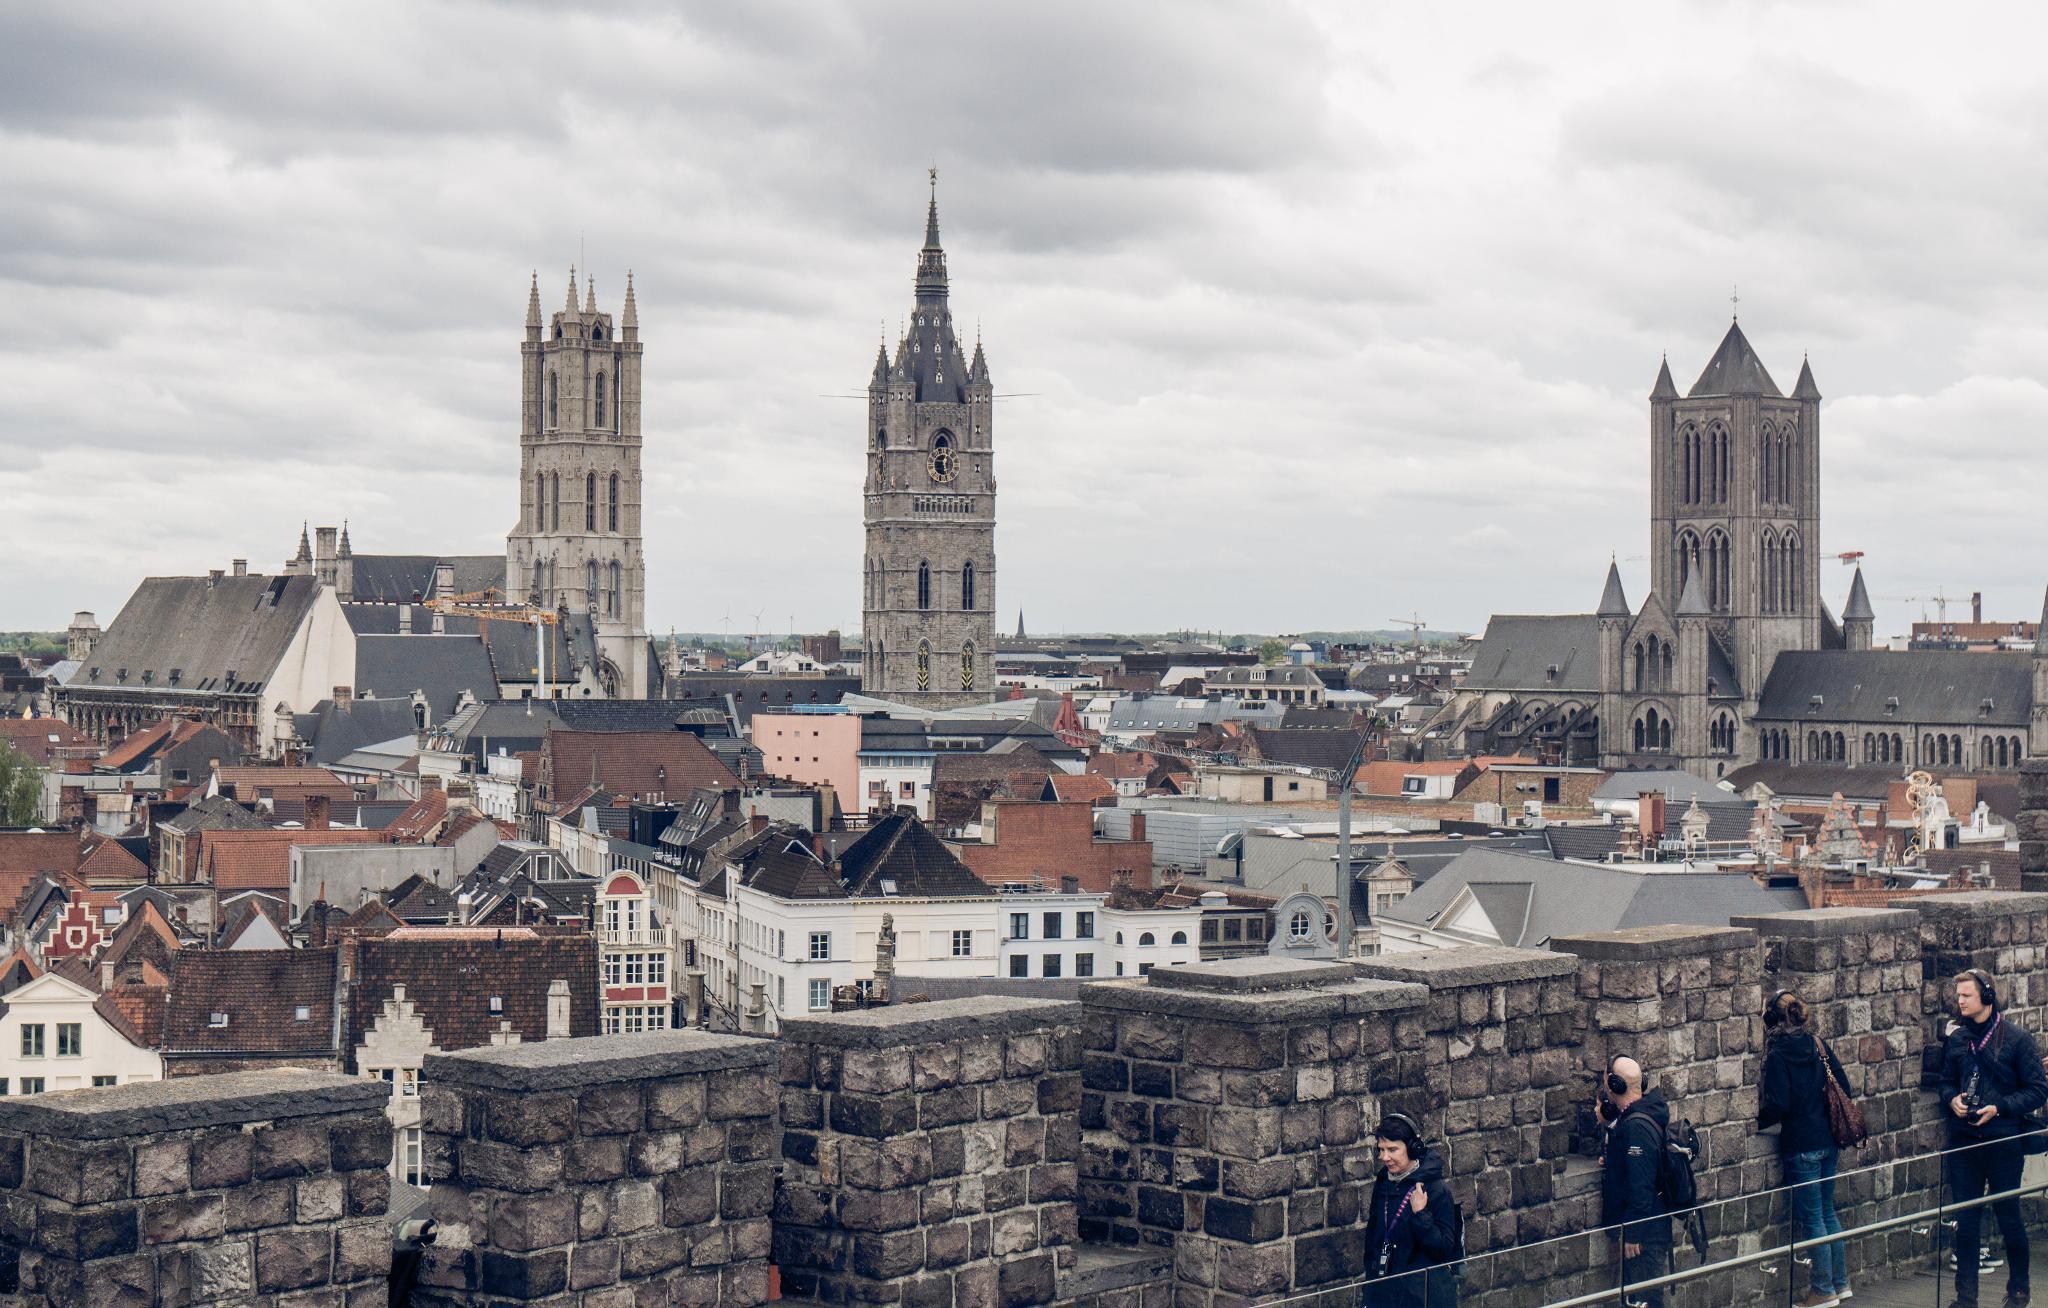 【比利時】穿梭中世紀的大城小事 — 比利時根特 (Ghent) 散步景點總整理 118